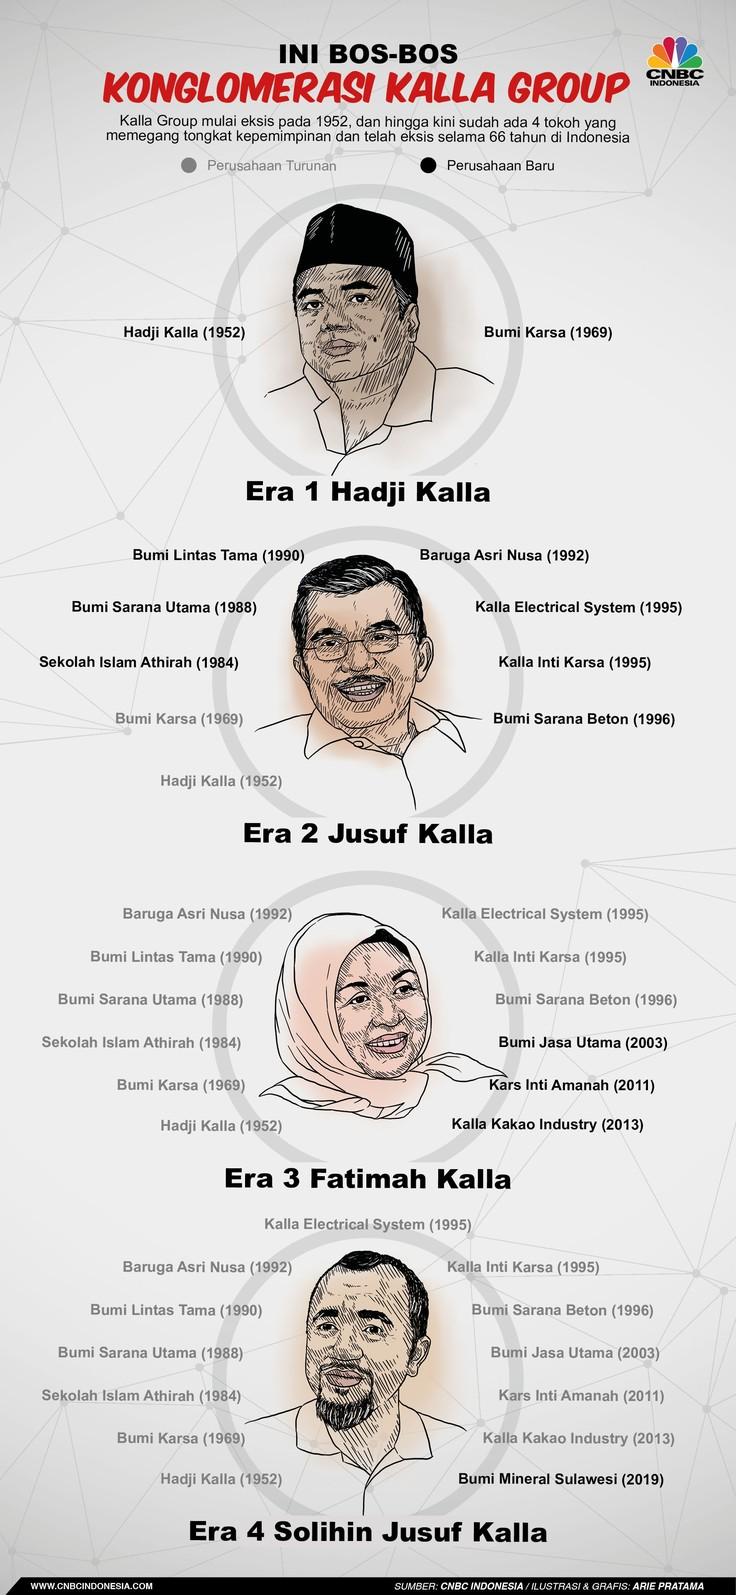 Kalla Group telah eksis selama 66 tahun di Indonesia, mengembangkan bisnis di 15 provinsi di dalam negeri hingga ke Benua Eropa dan Amerika.